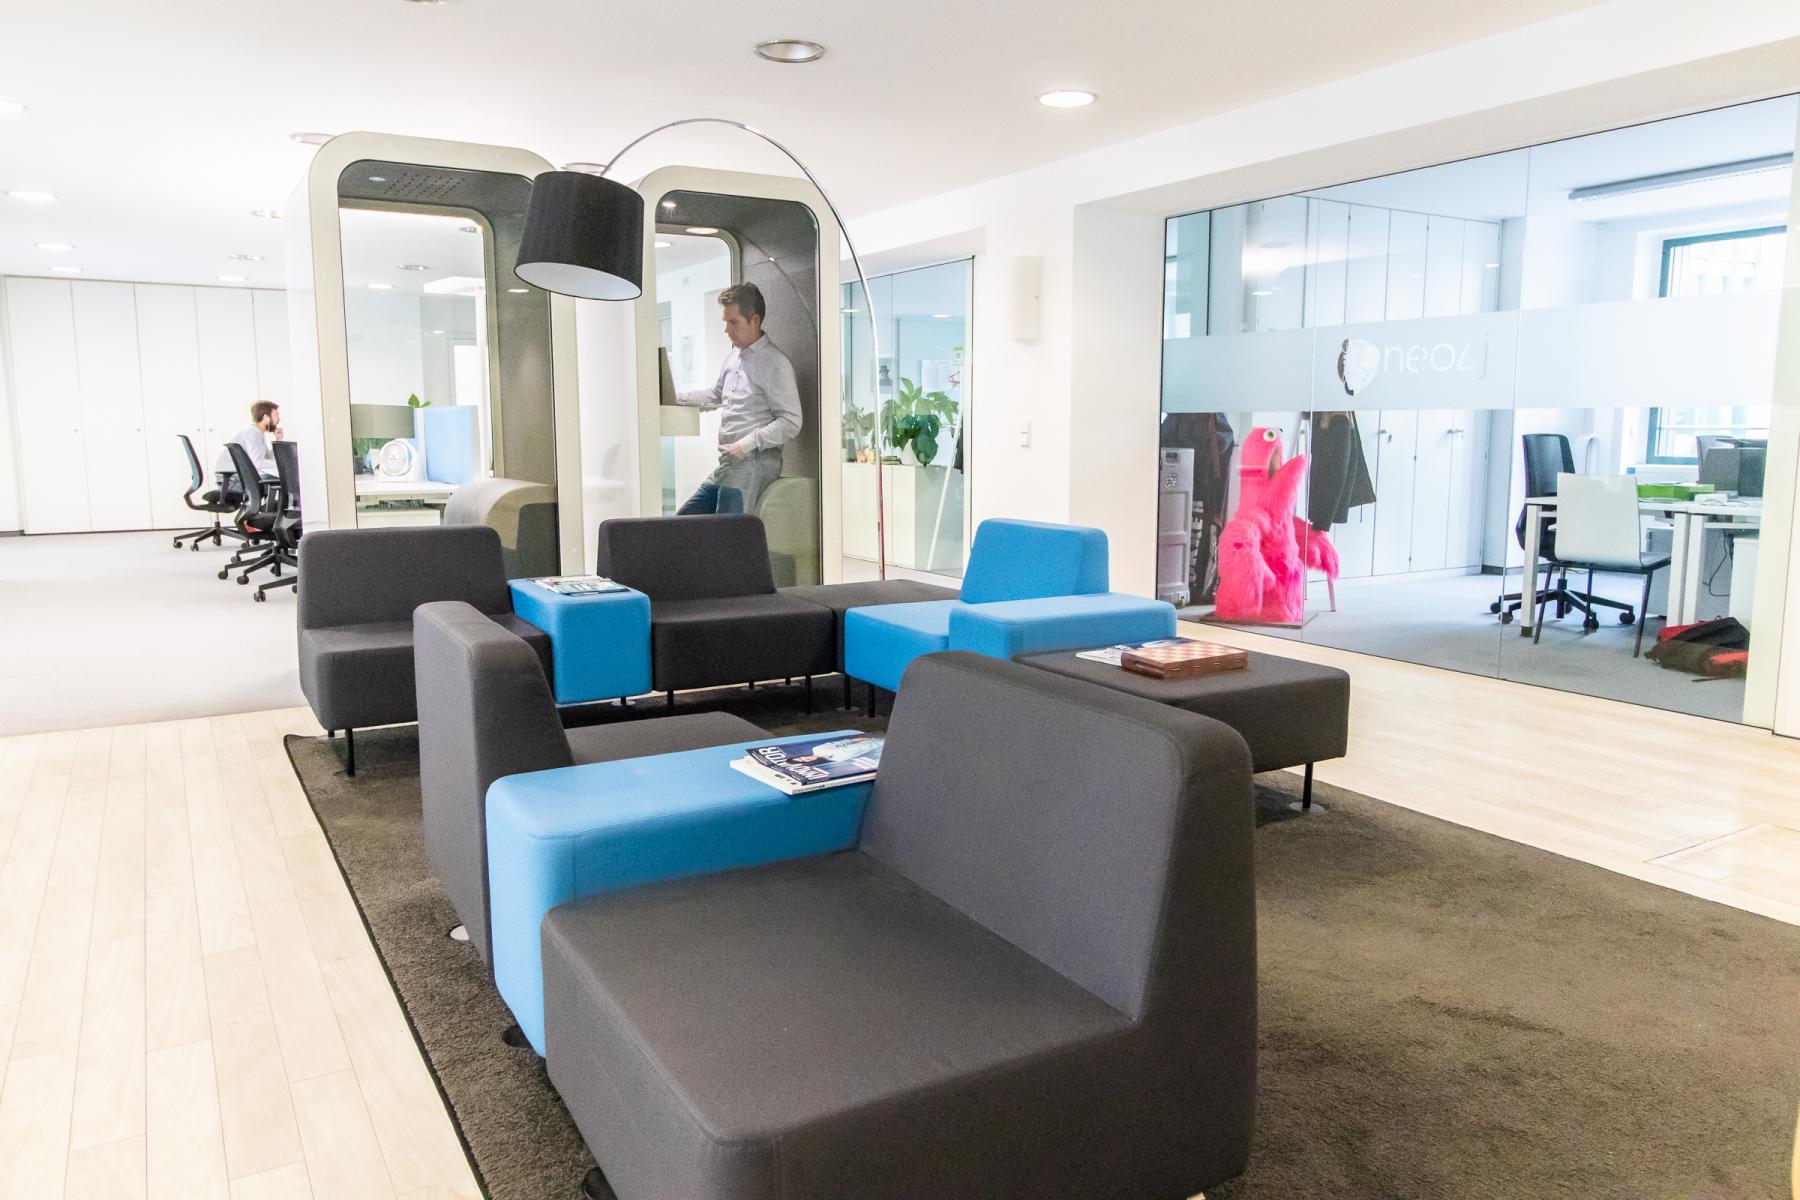 Moderner Aufenthaltsraum im Business Center in München